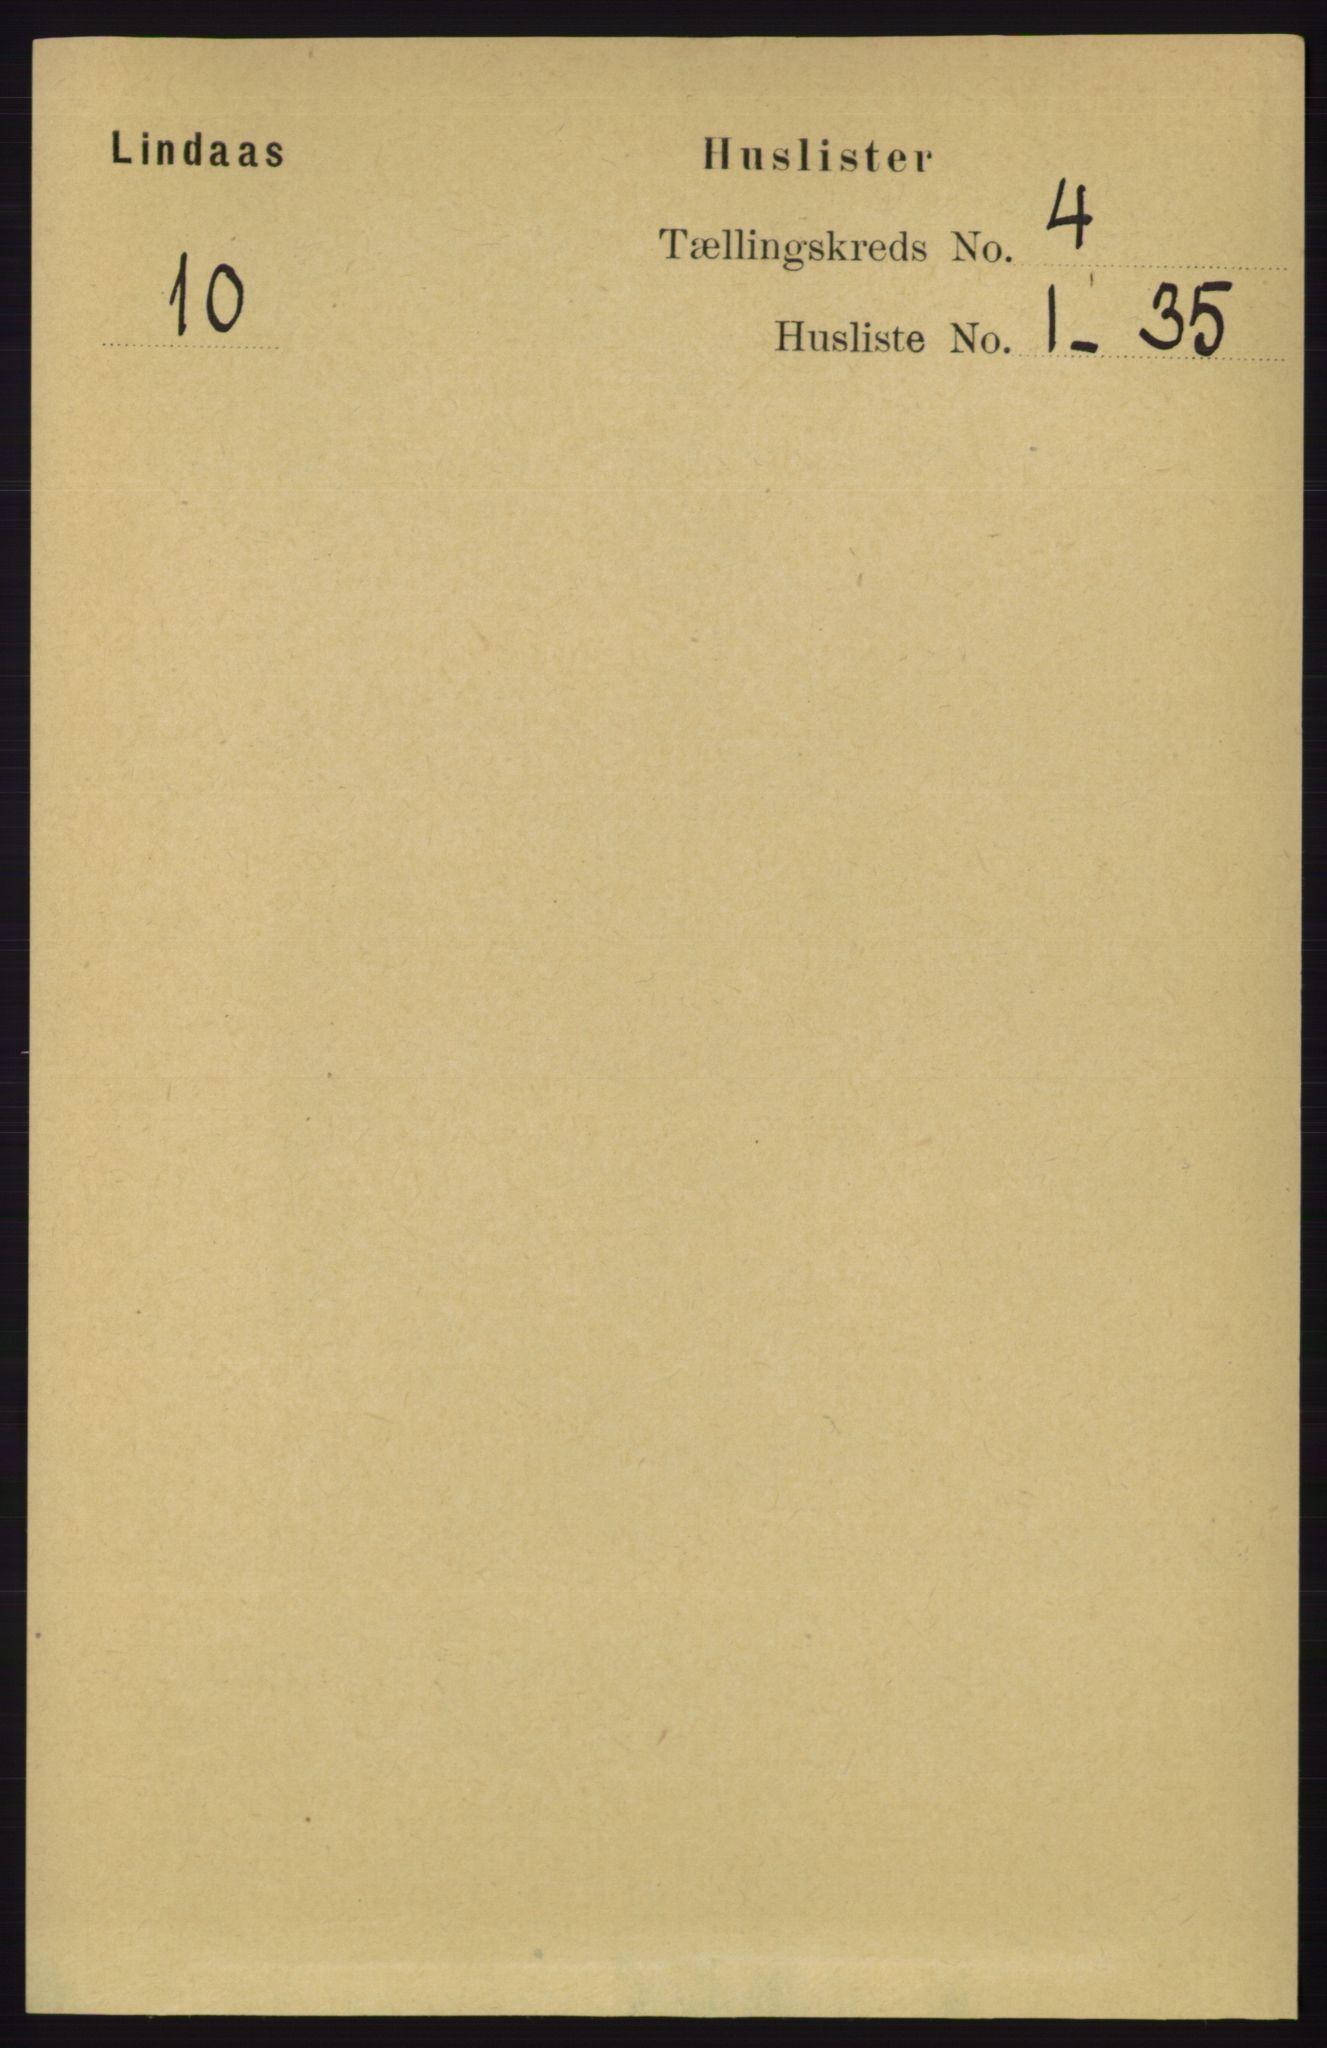 RA, Folketelling 1891 for 1263 Lindås herred, 1891, s. 1090